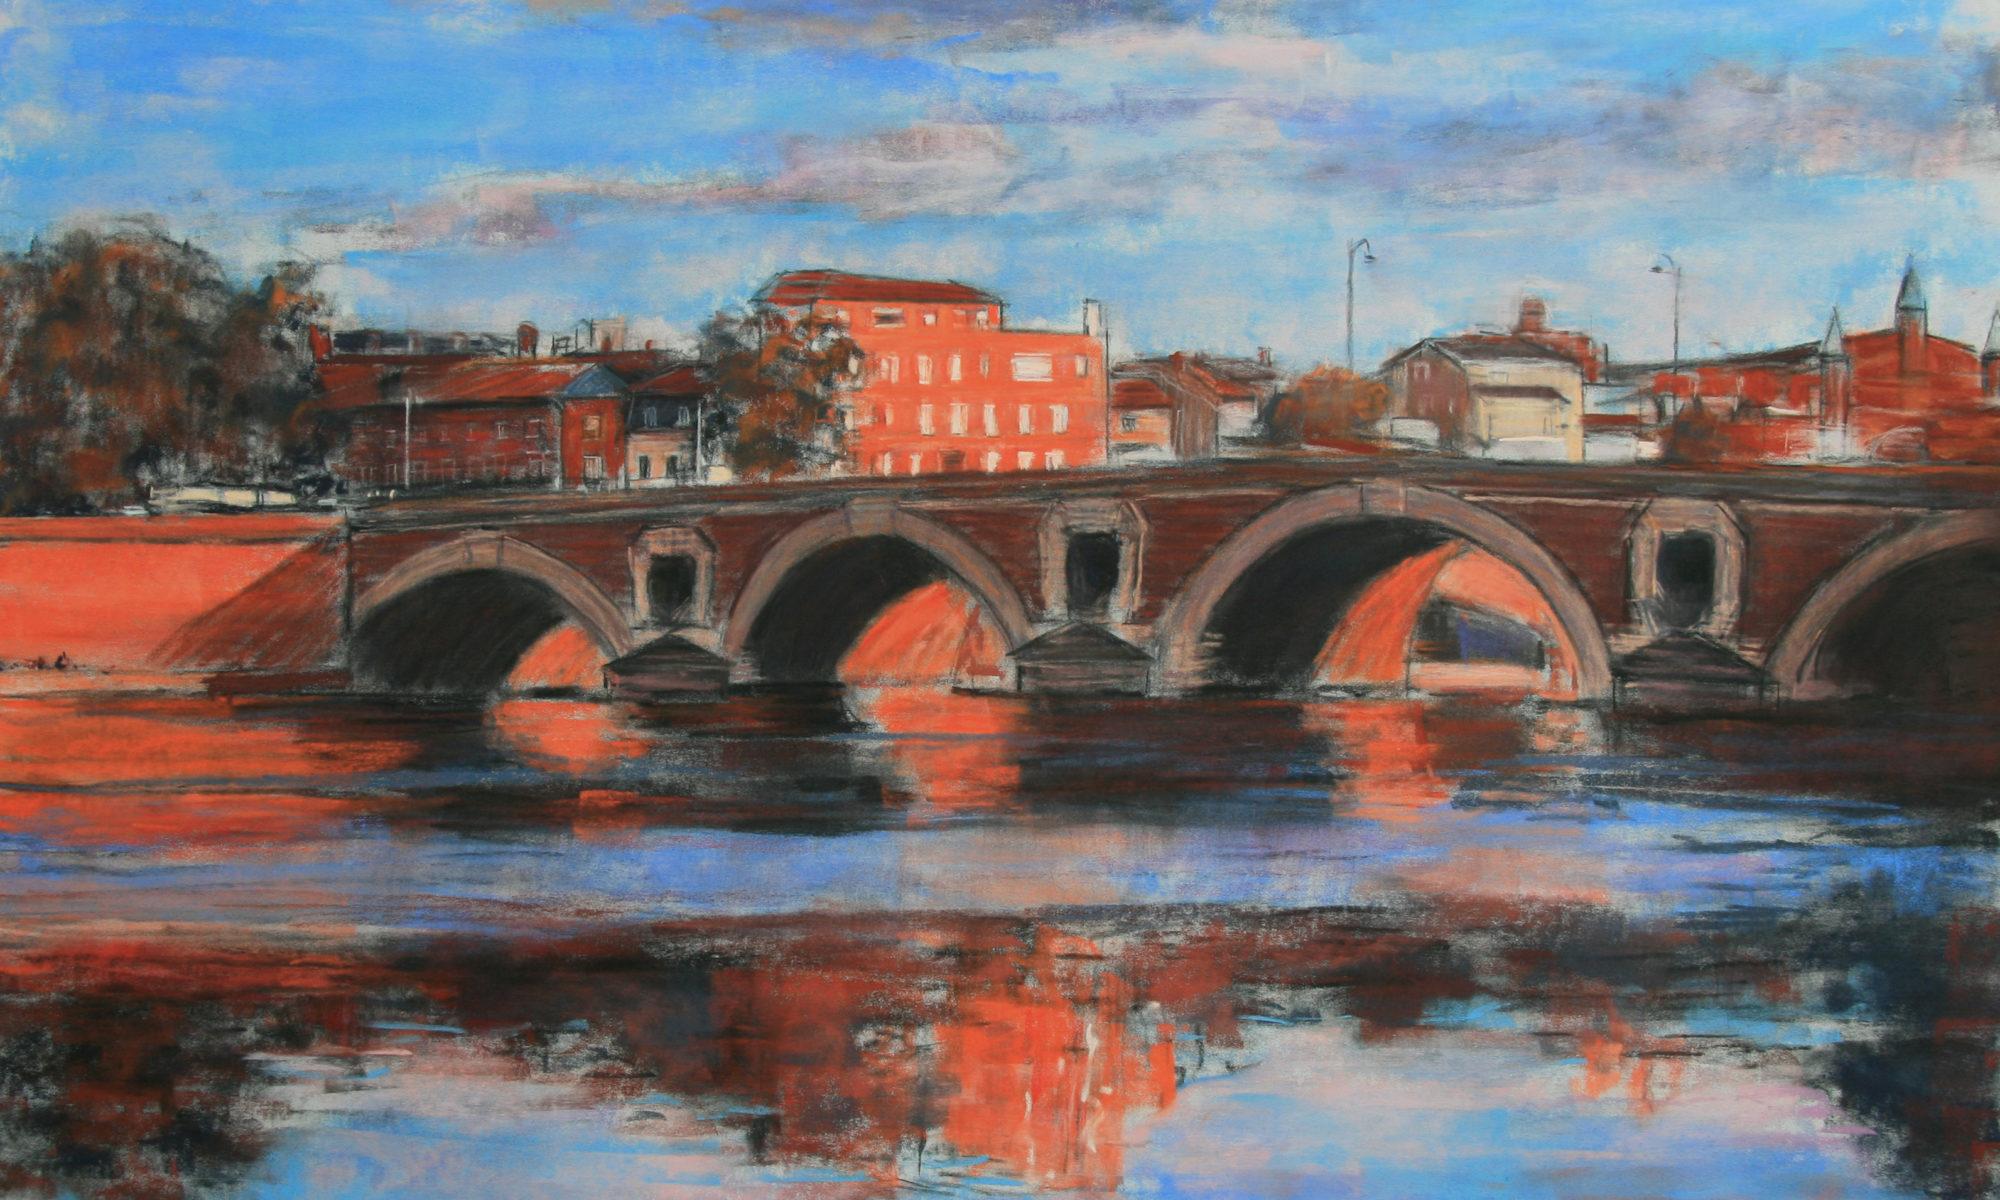 Annette Cunnac -Toulouse - Le Pont Neuf - Lumiere d'hiver - pastel - 70 x 50 cm - 2021